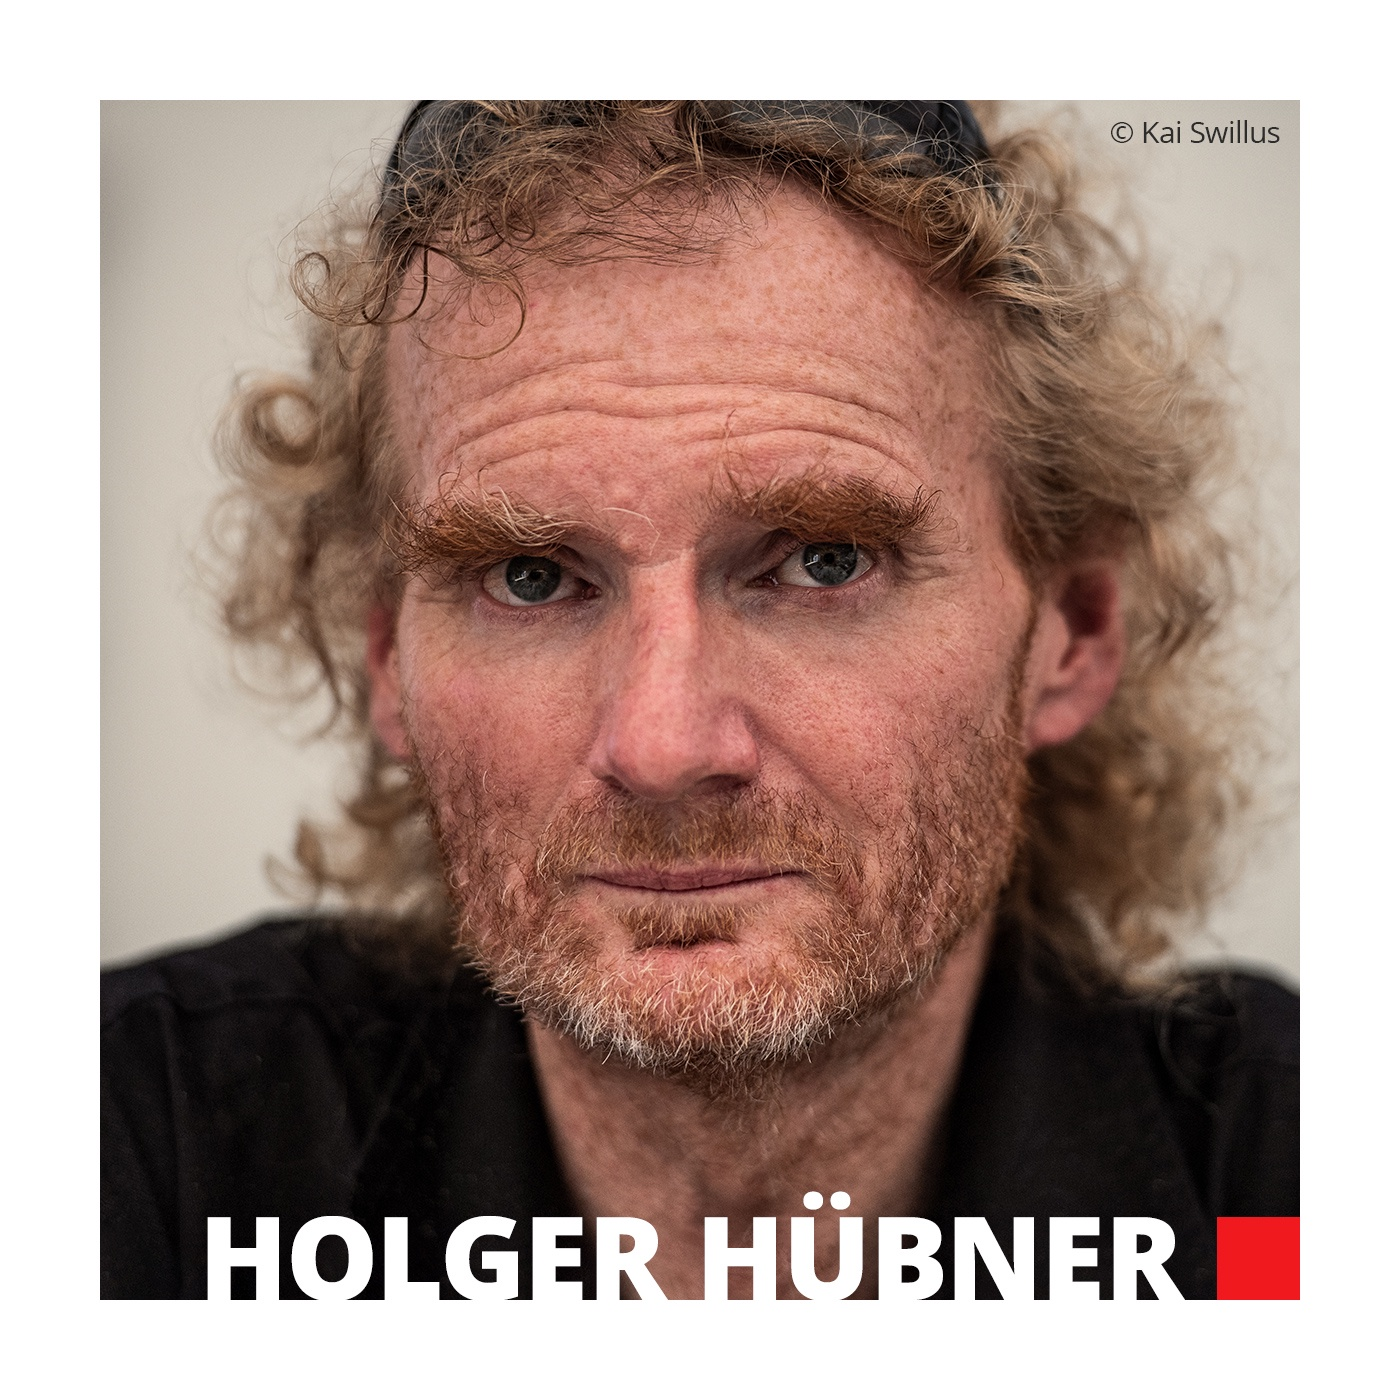 Folge 3 - Holger Hübner